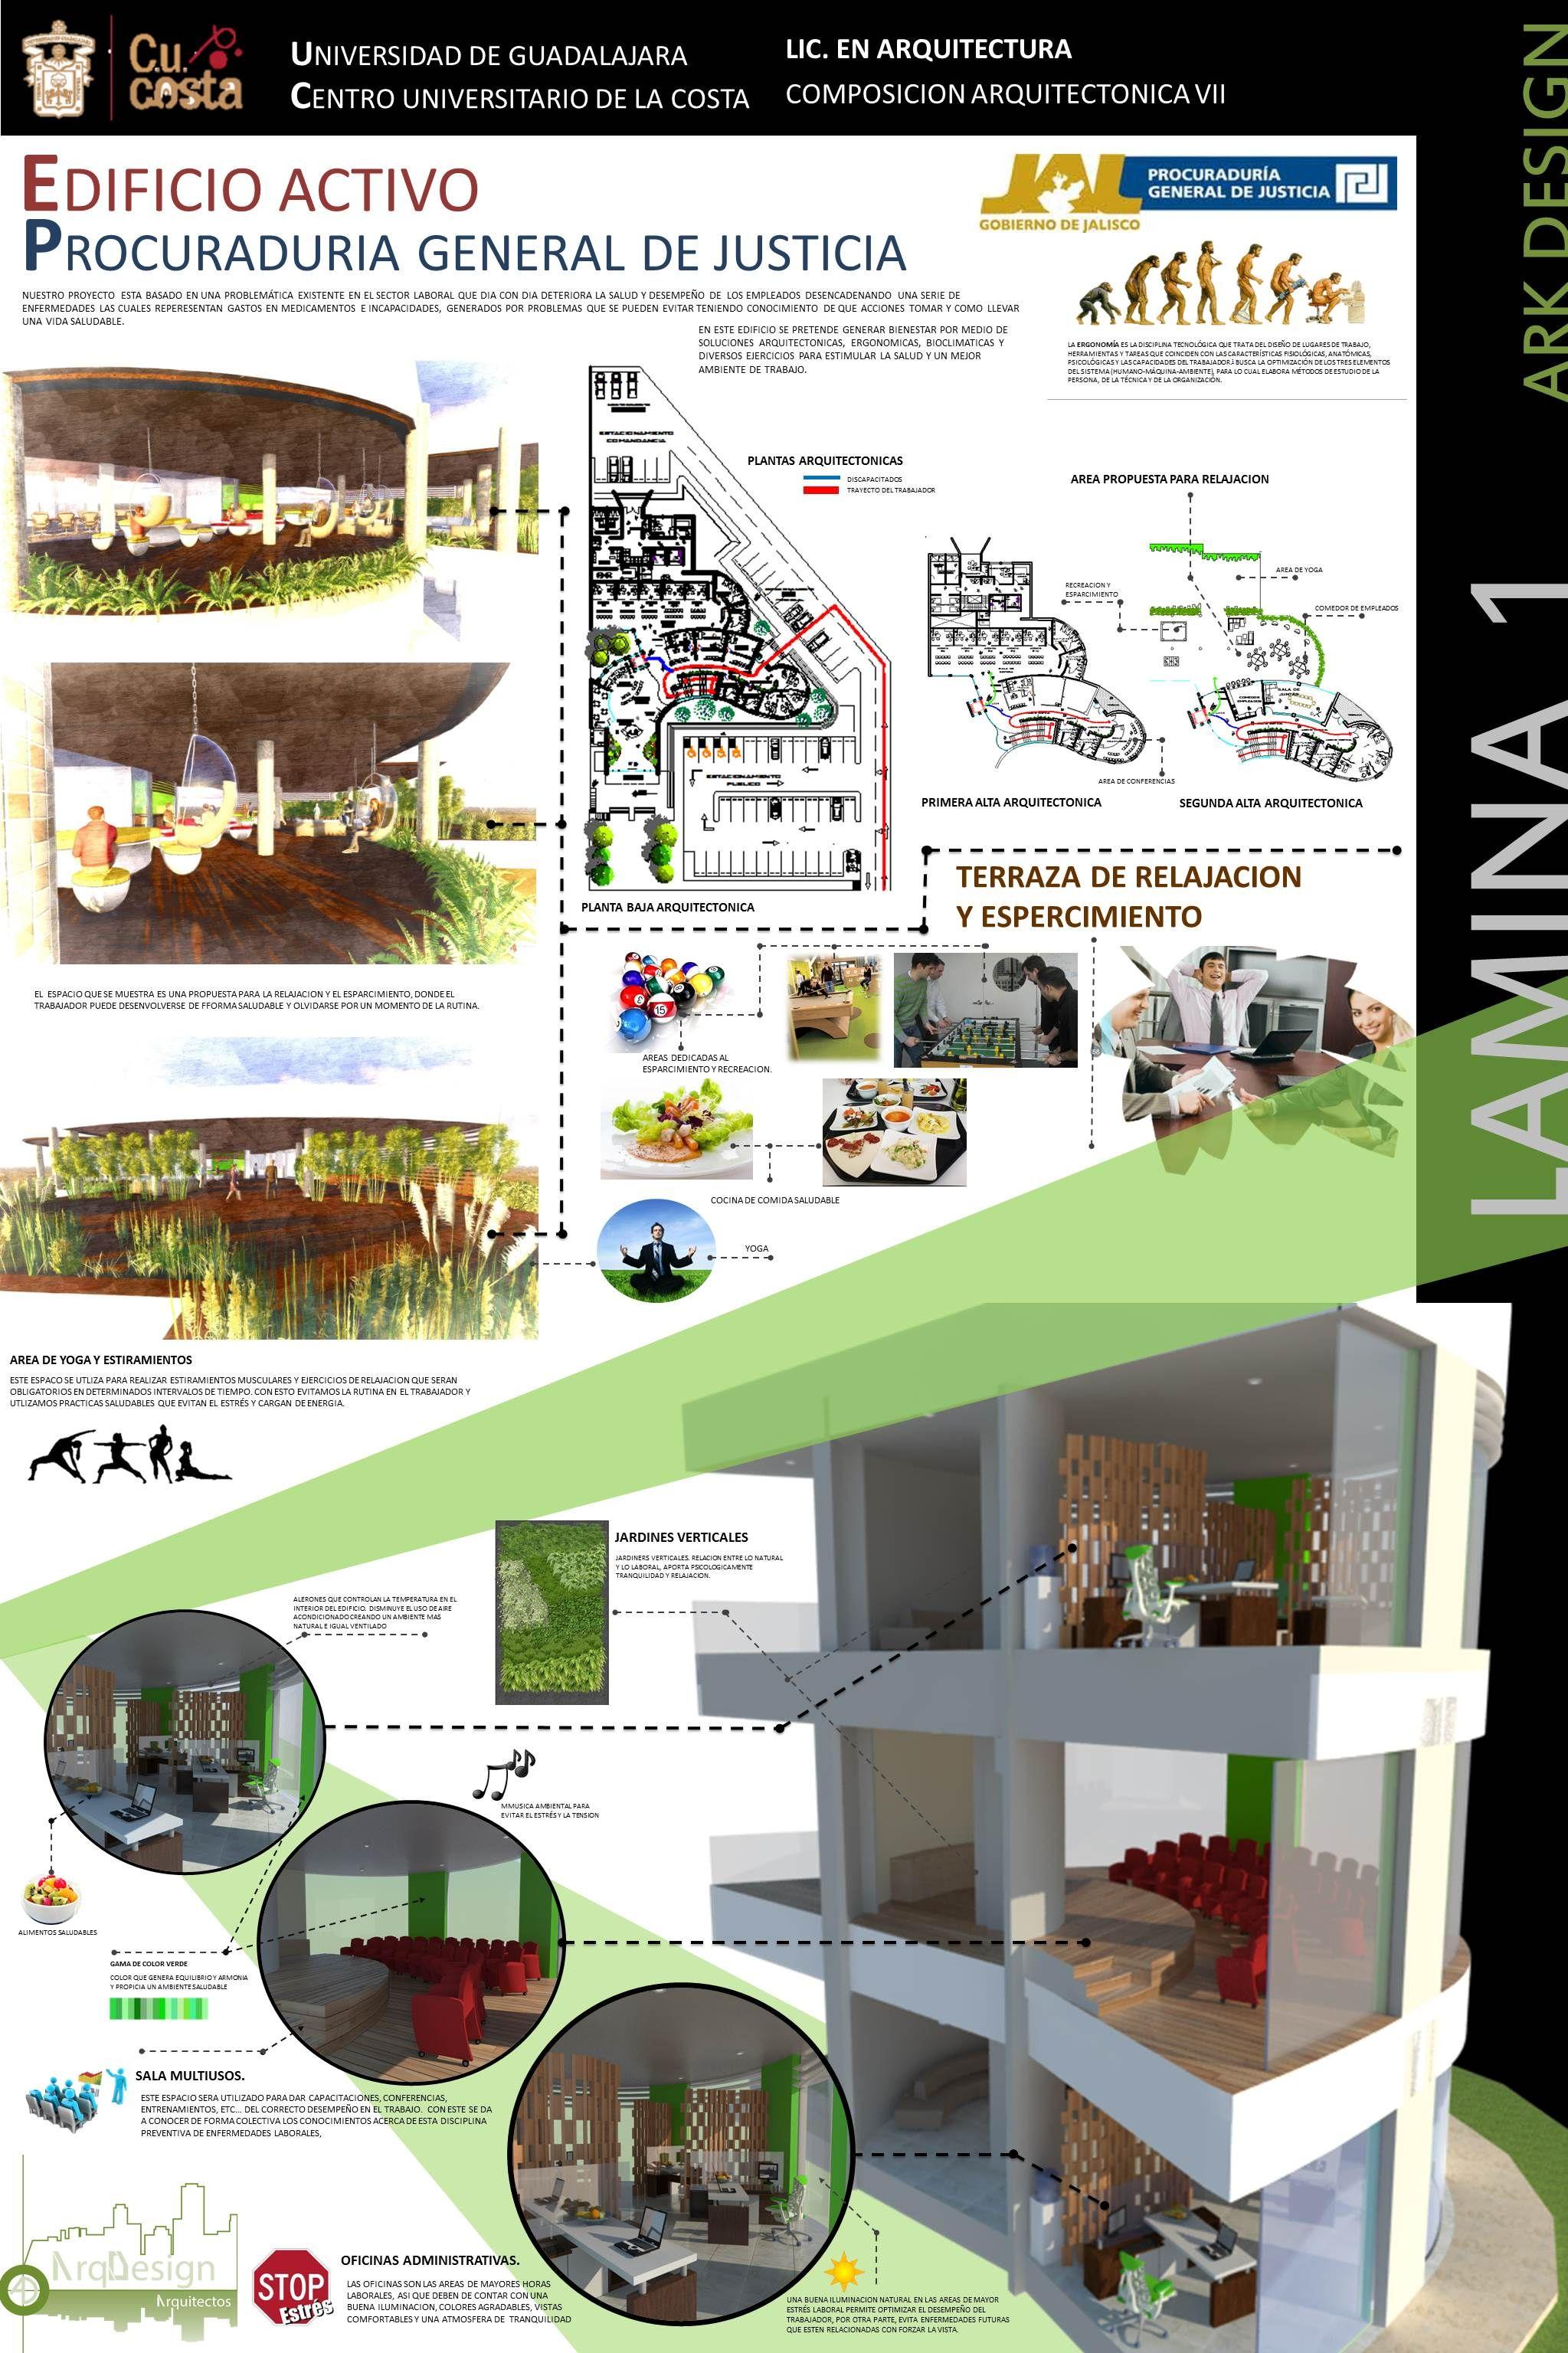 Lamina de presentaci n edificio activo proyecto urbano for Arquitectura sustentable pdf